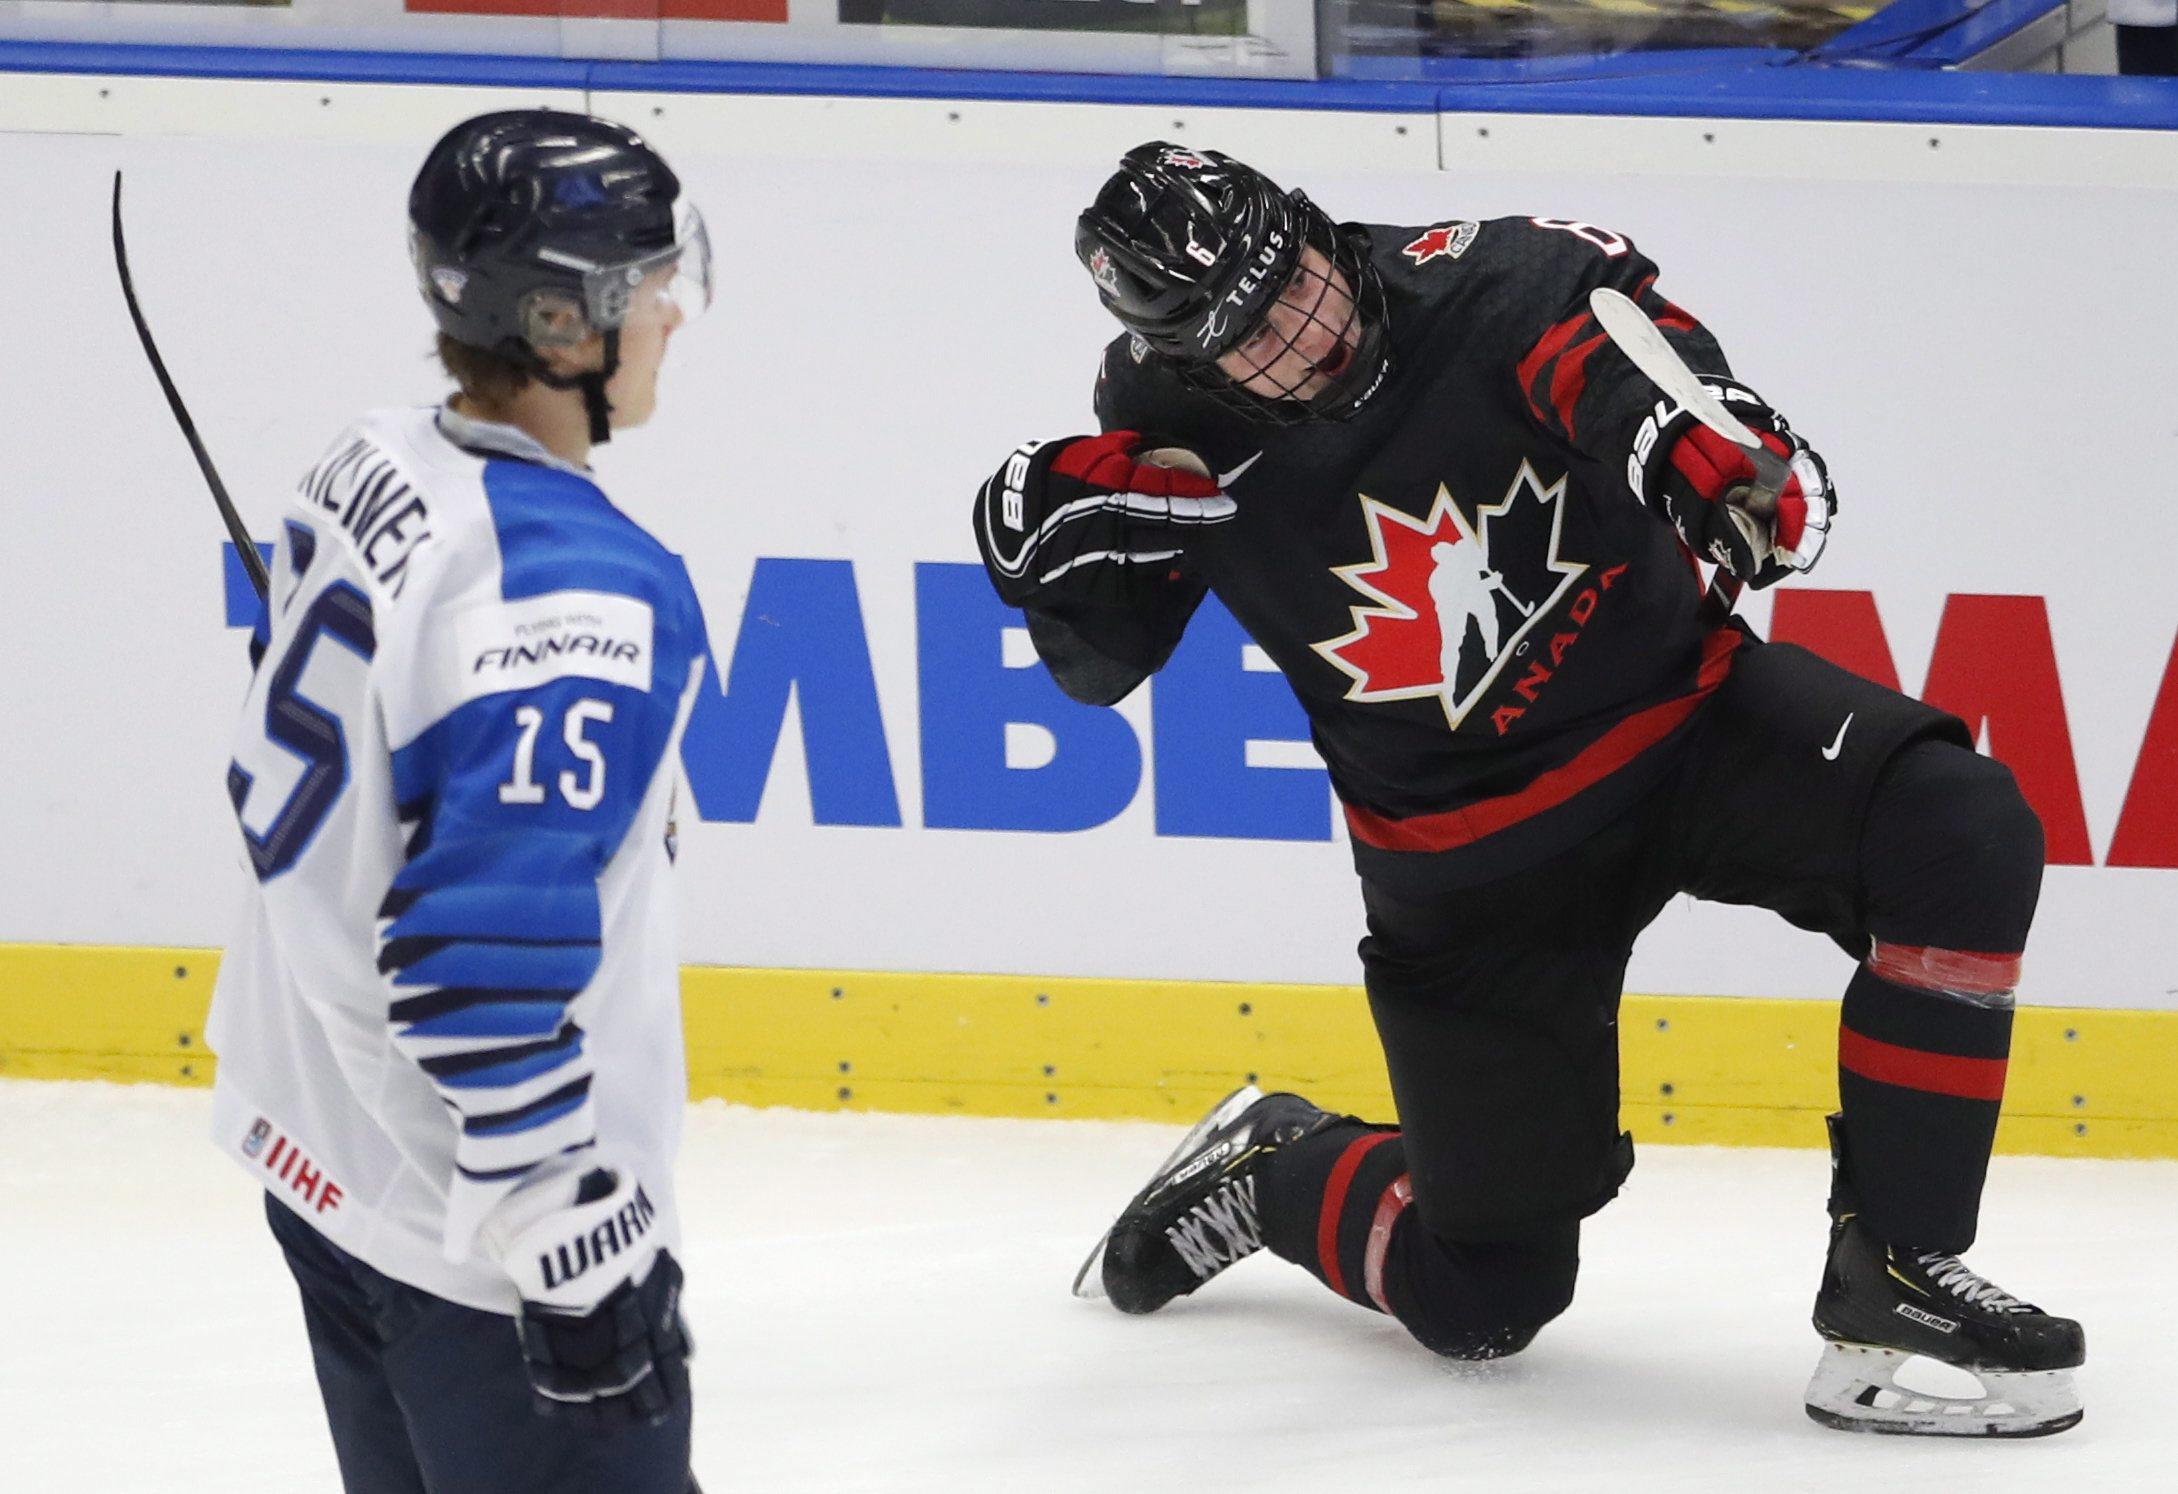 Un joueur du Canada célèbre un but devant un joueur de la Finlande.